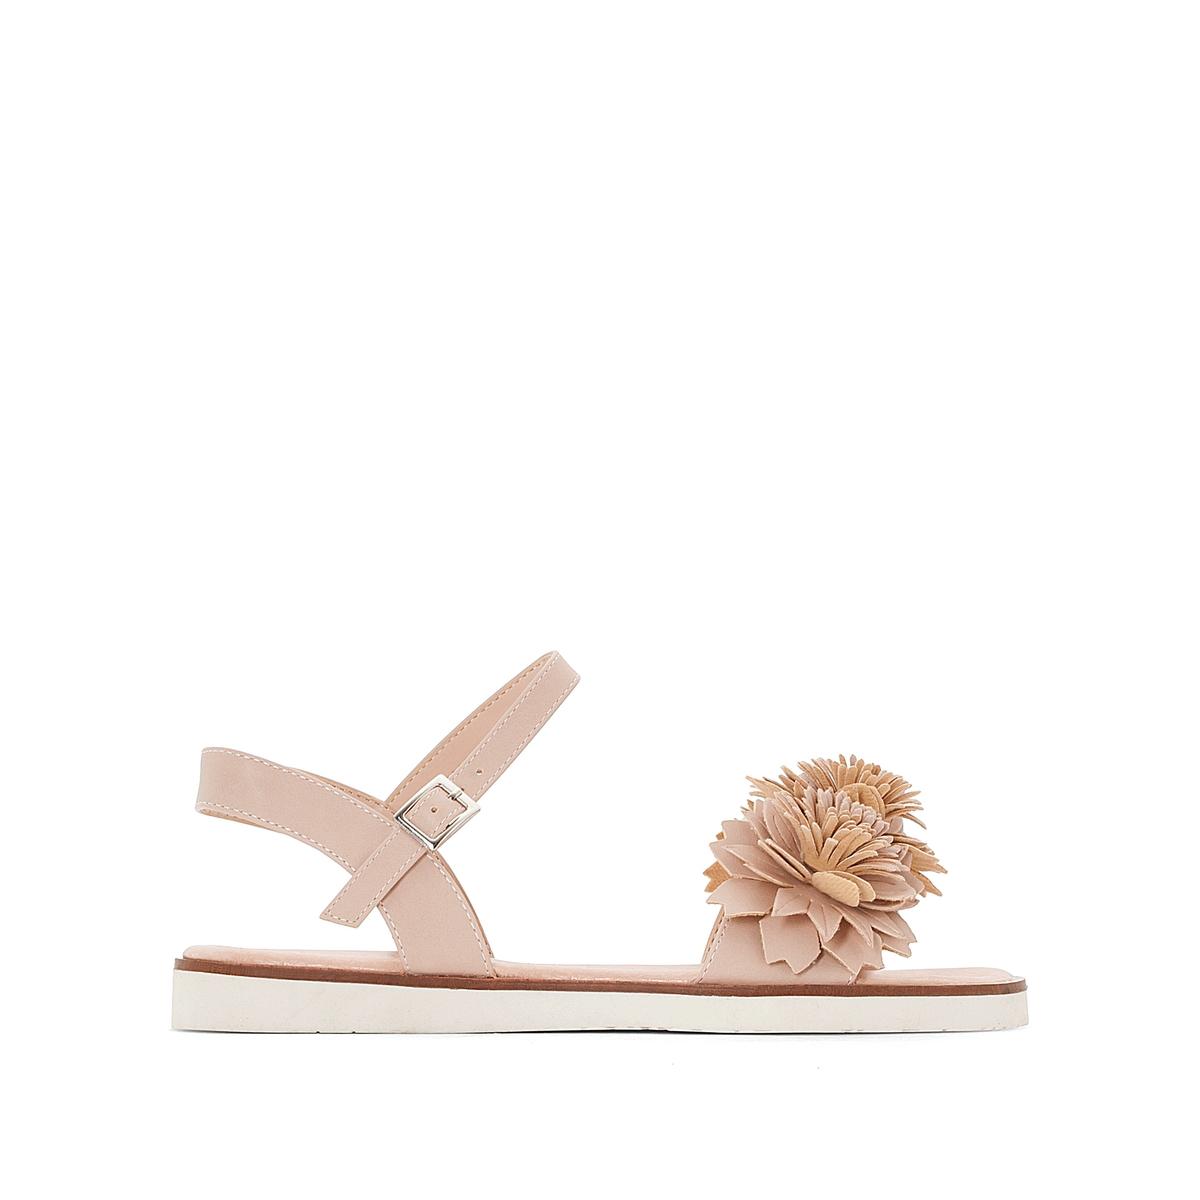 Босоножки на плоском каблуке, Acacia